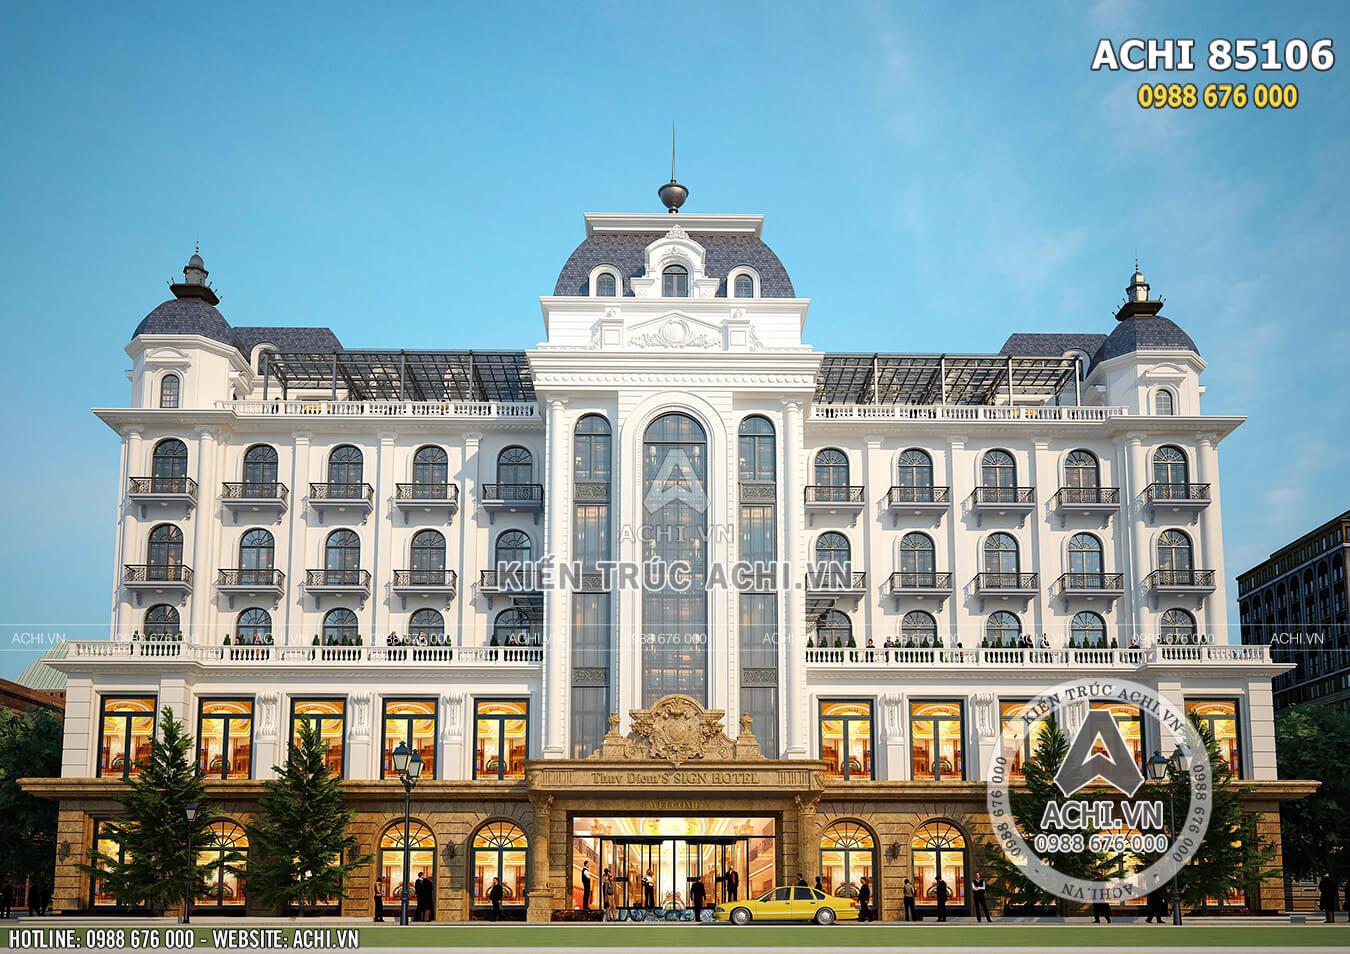 Không gian 3D mặt tiền mẫu thiết kế khách sạn đẹp tiêu chuẩn 4 sao - 5 sao - Mã số: ACHI 85106